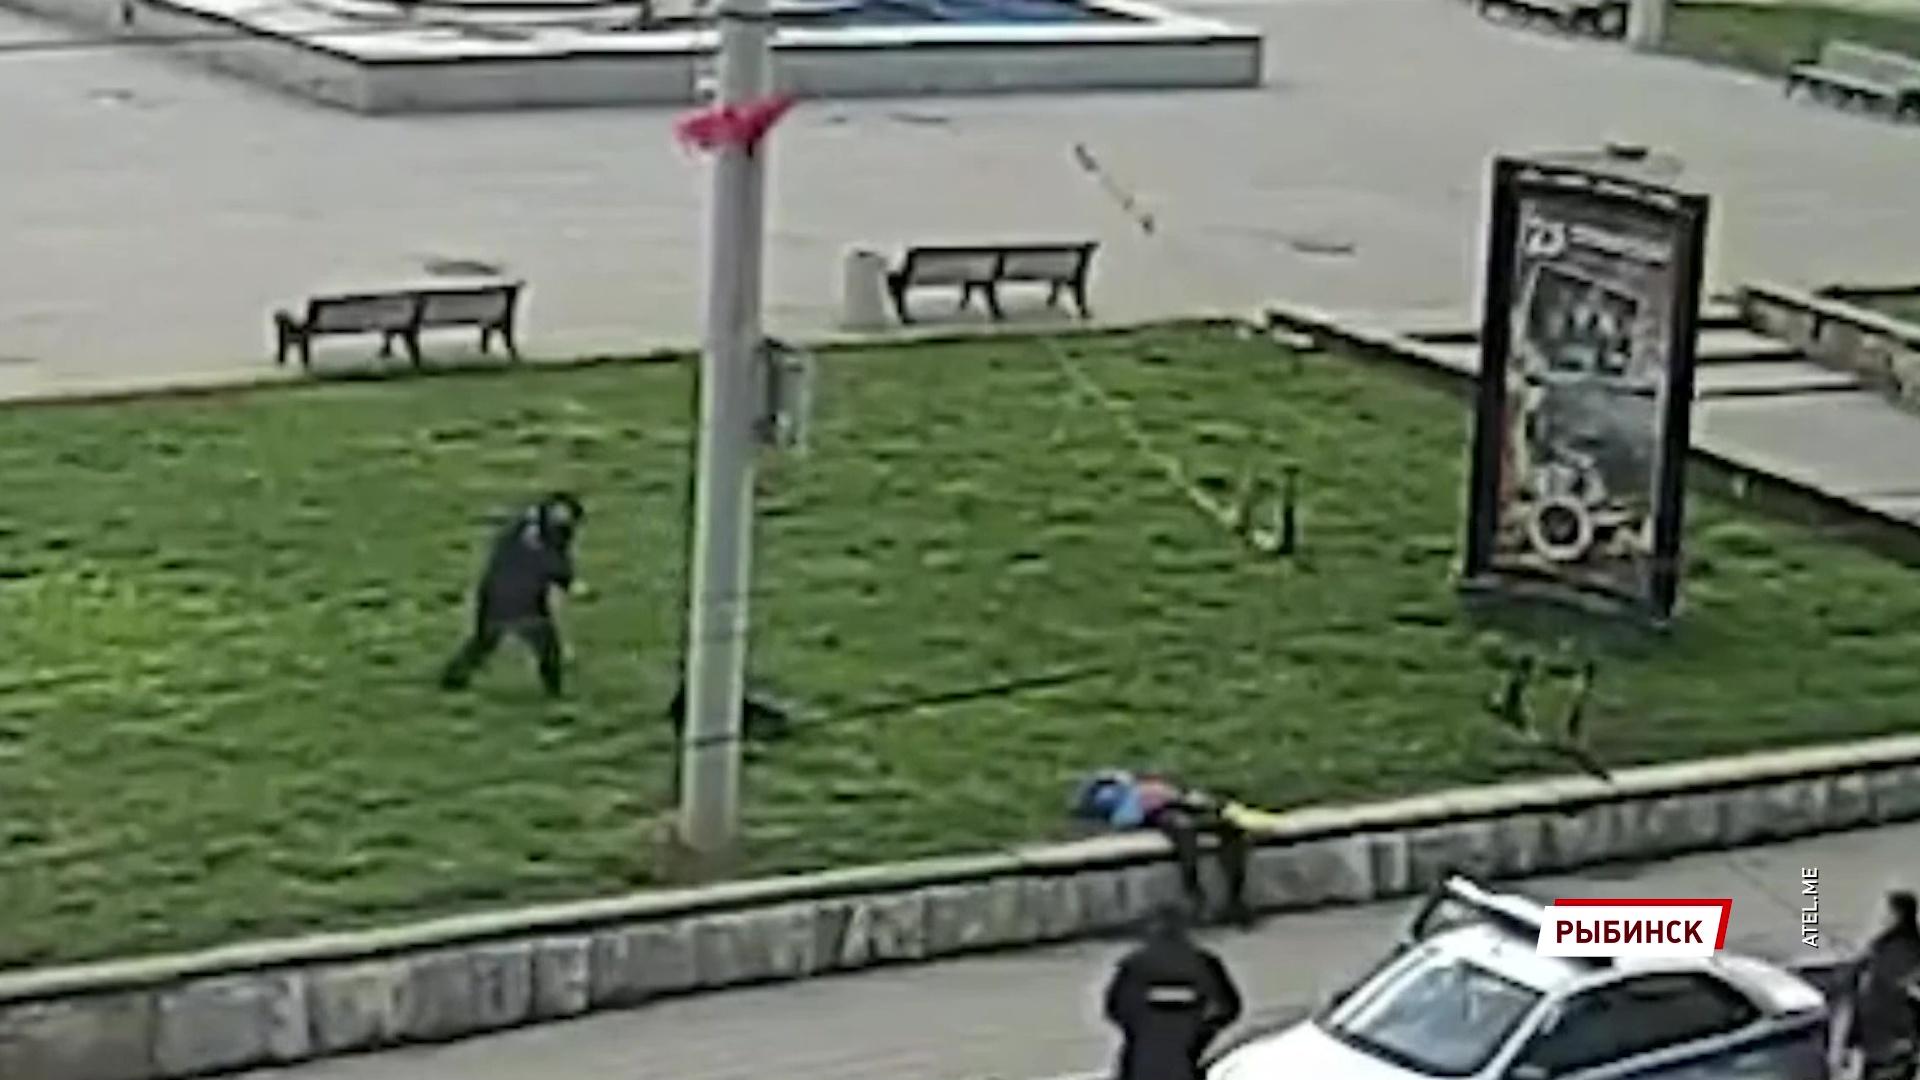 В Рыбинске полицейский выстрелил в напавшую на него собаку: подробности происшествия